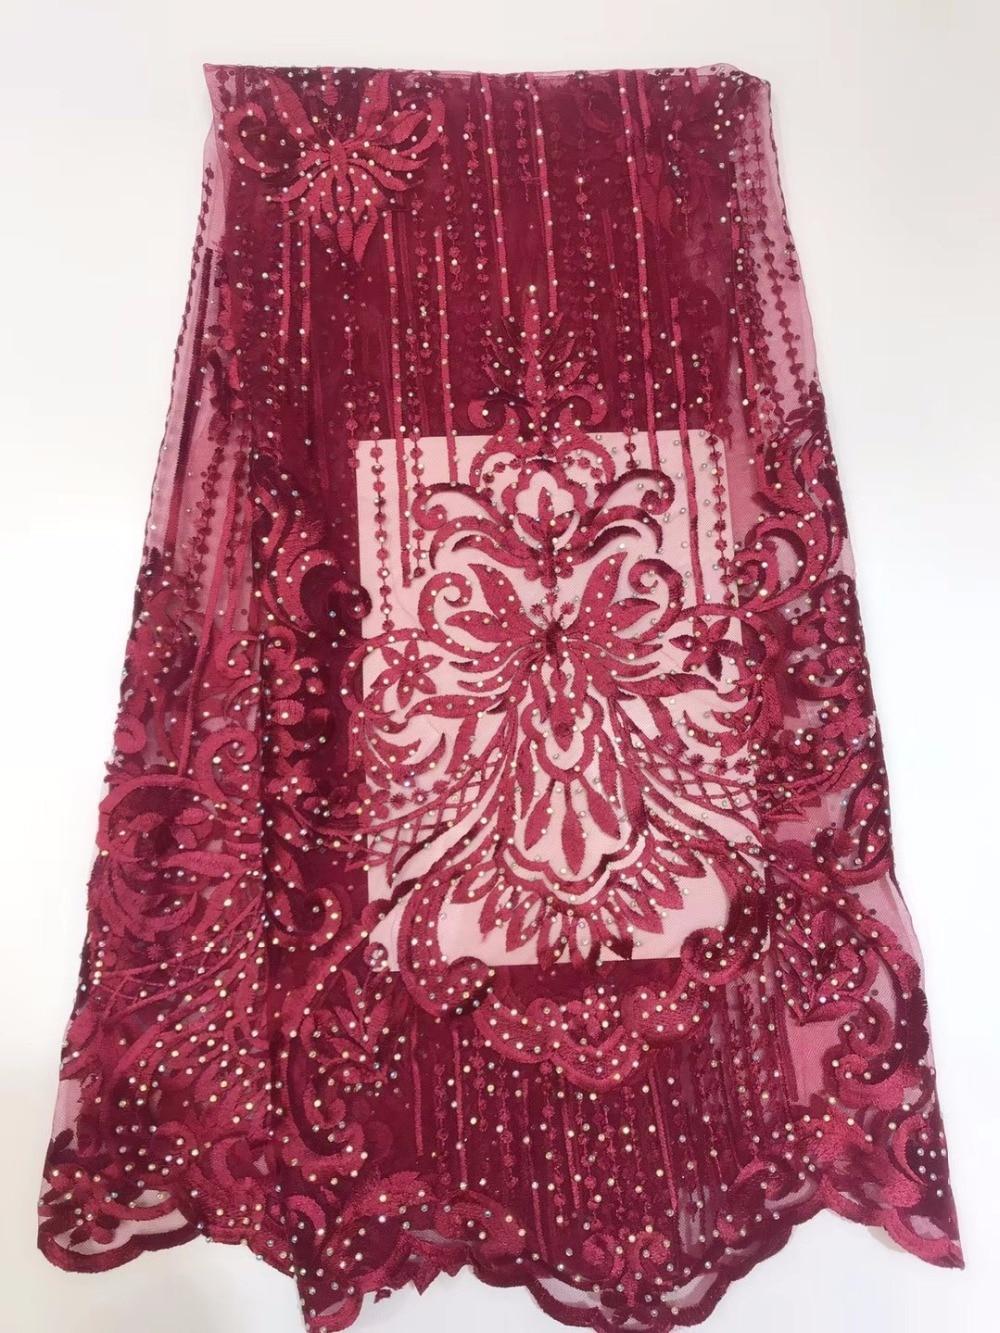 Dernière broderie maille Tulle dentelle tissu 5 Yards motif Floral pierre ajouter diamant africain dentelle tissu pour fête de mariage